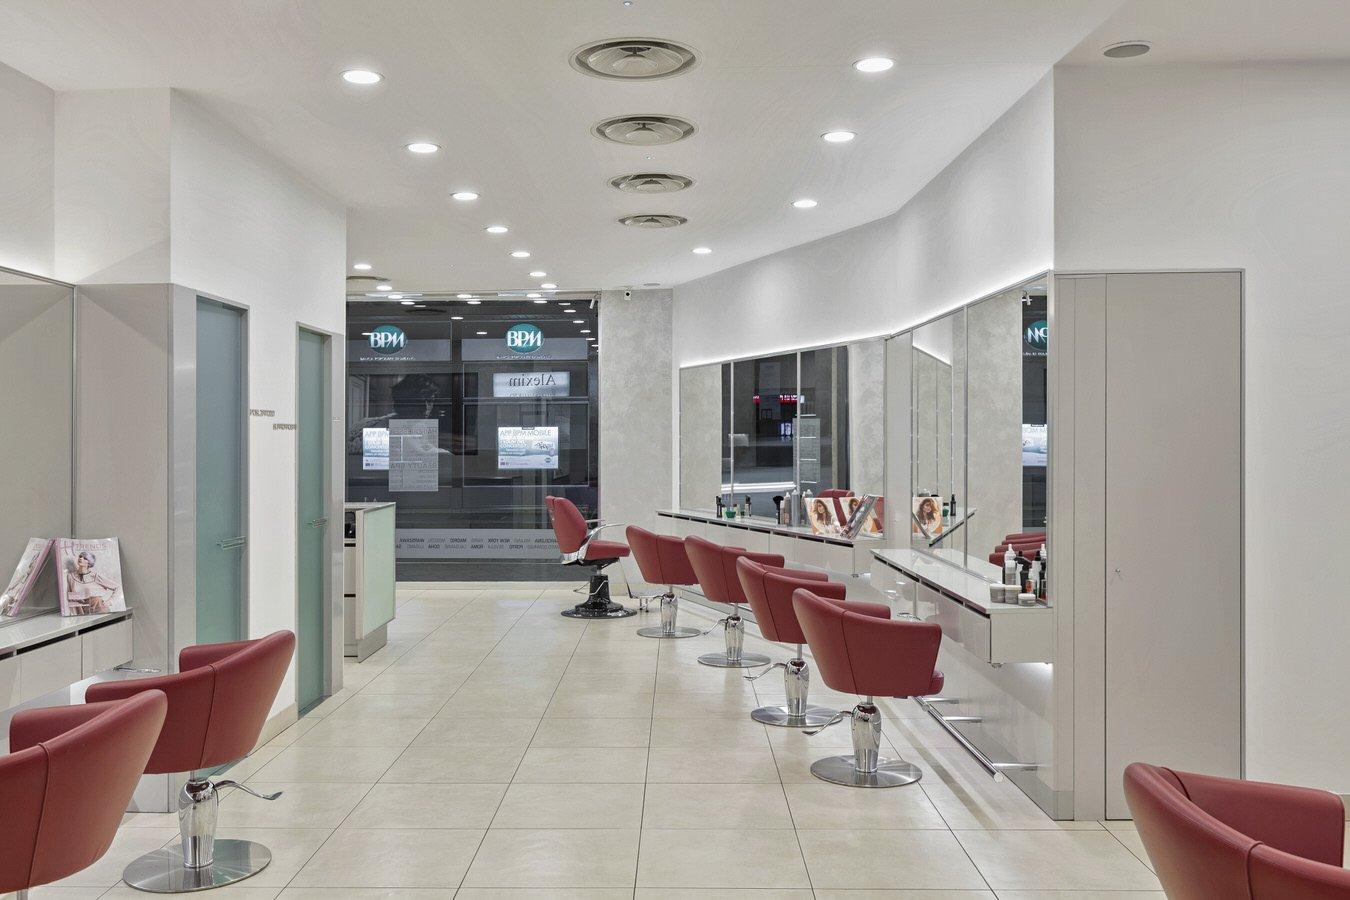 parrucchiere-alexim-via-giuseppe-mazzini-16-milano-postazioni